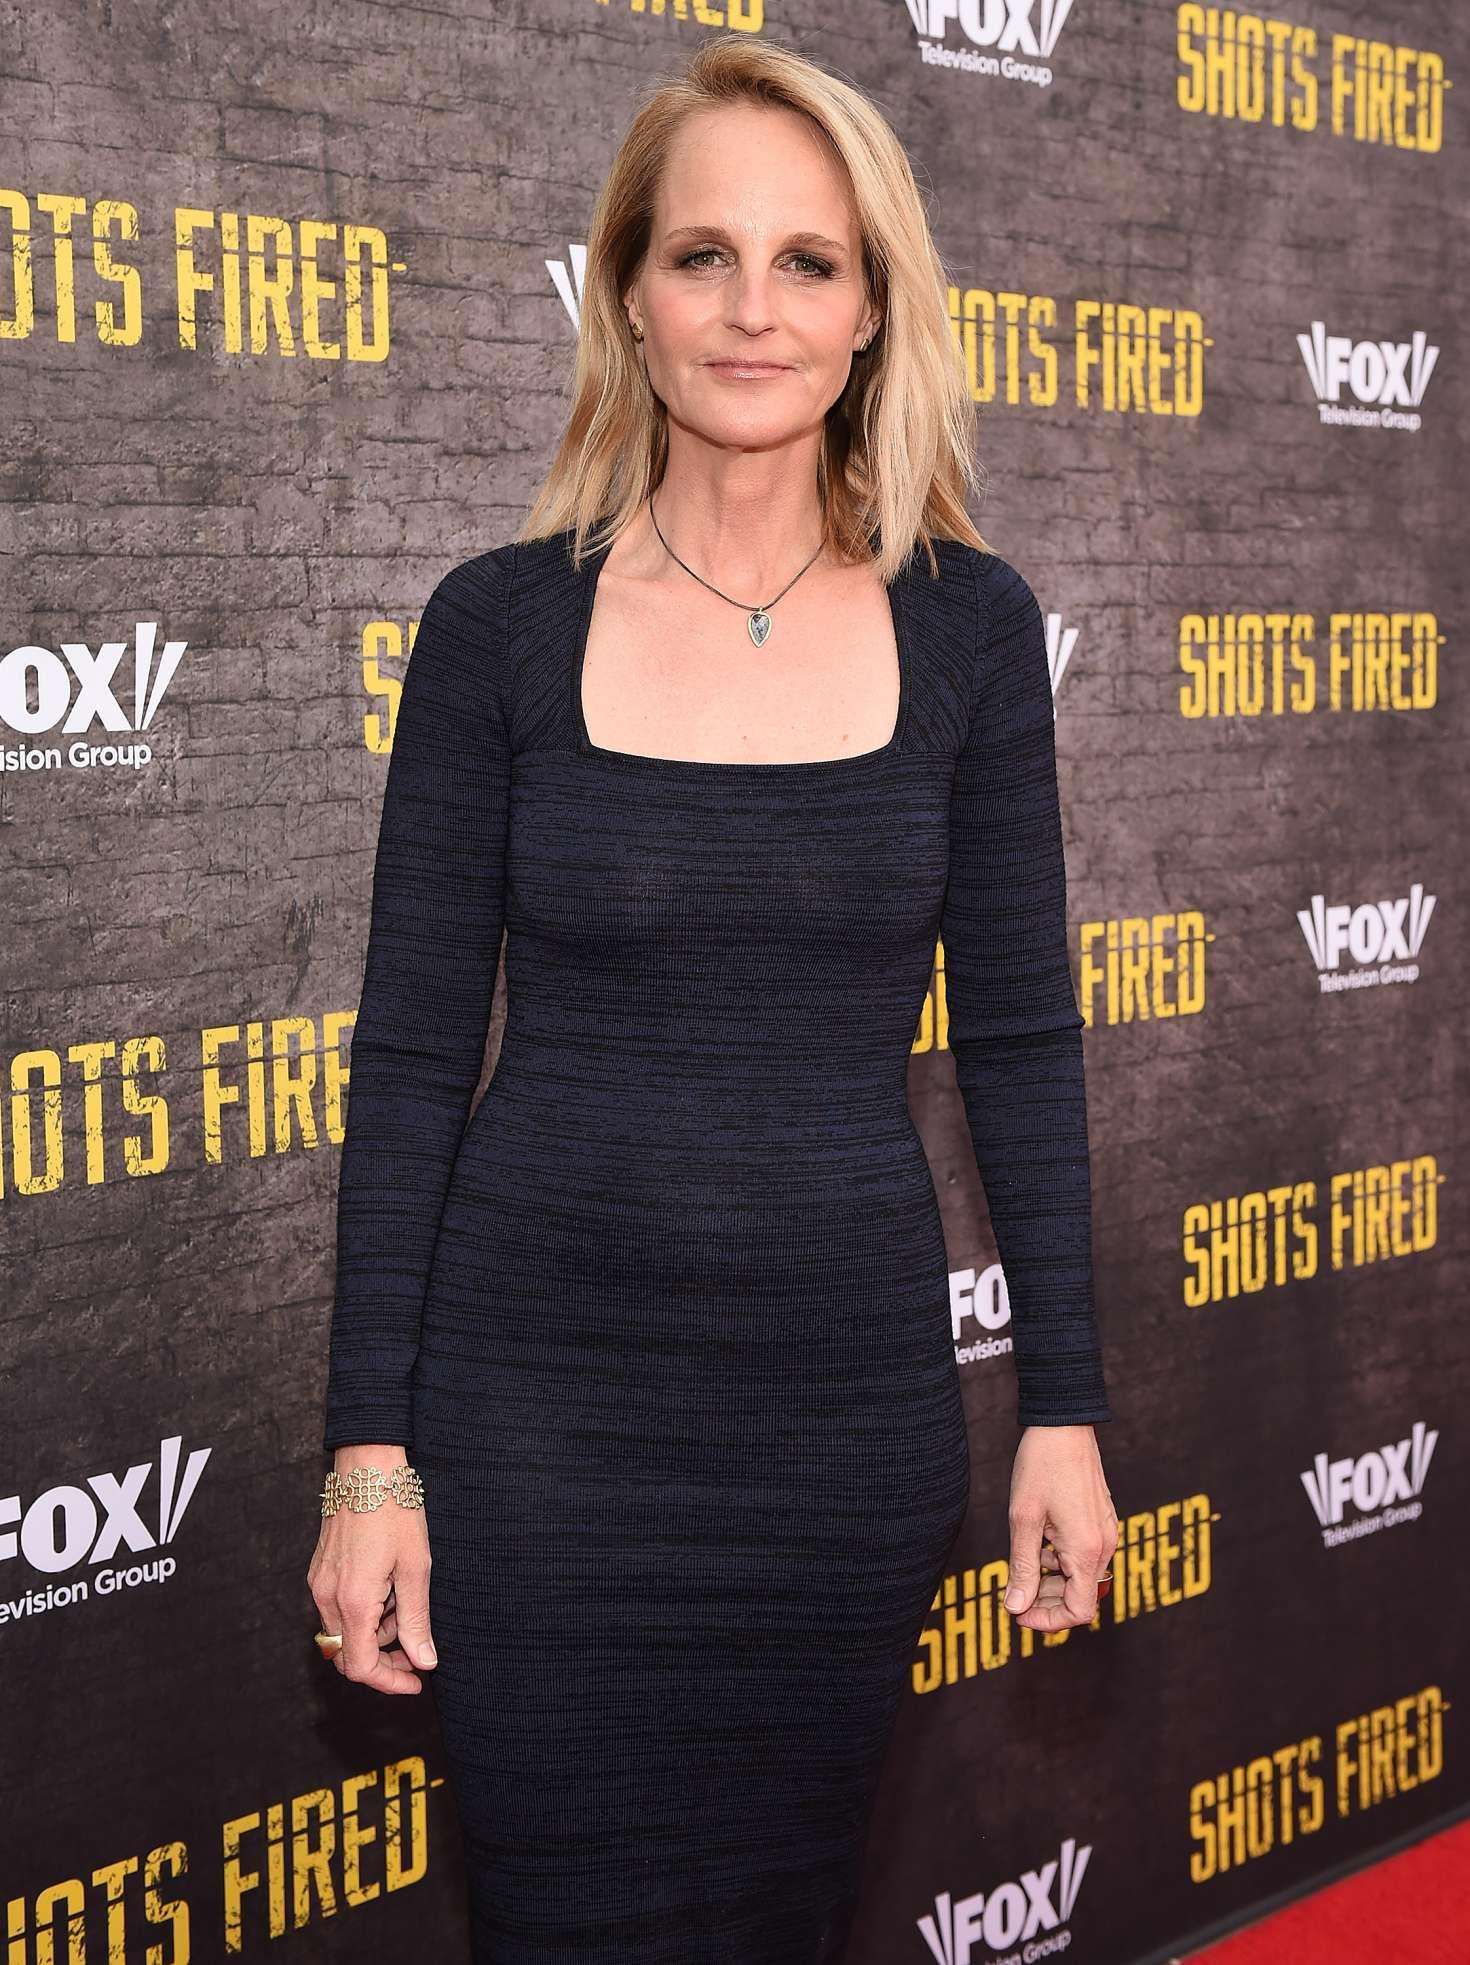 Helen Hunt Shots Fired Screening In Los Angeles Gotceleb